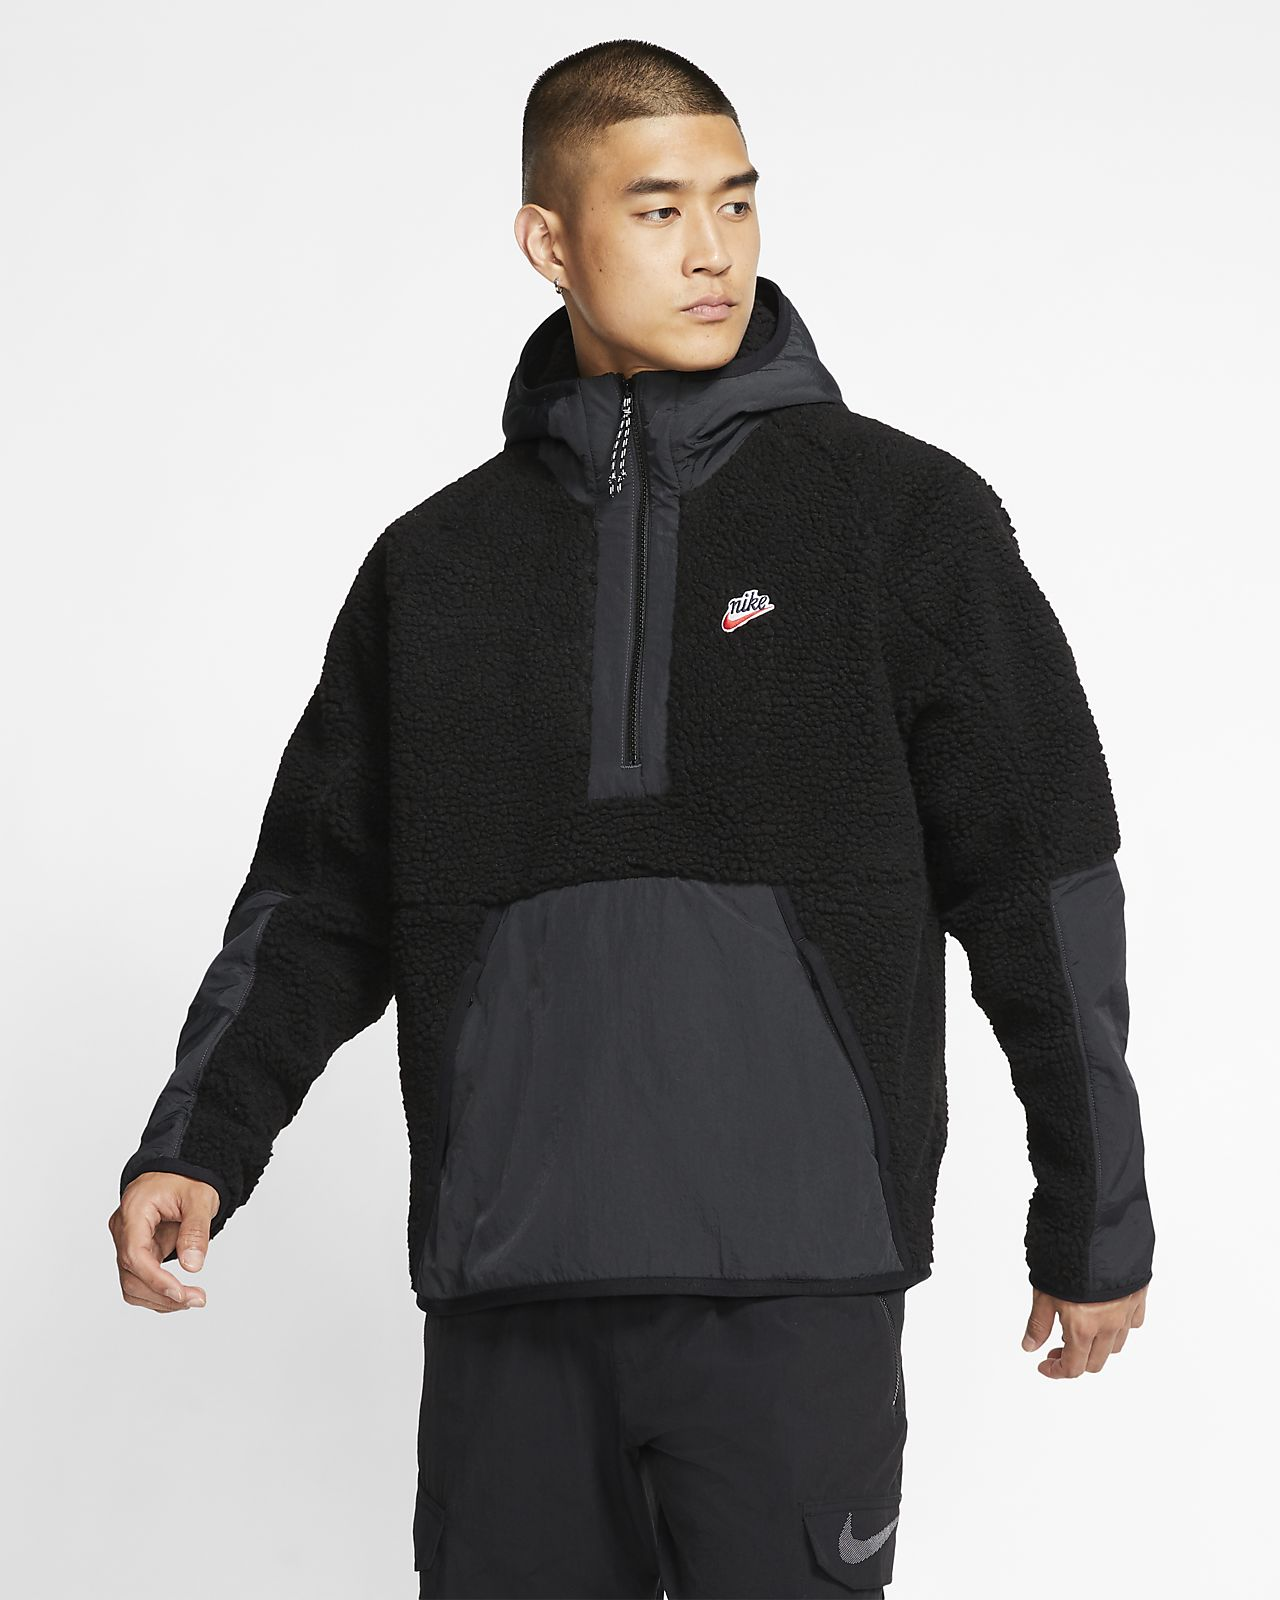 Μπλούζα από ύφασμα Sherpa με κουκούλα και φερμουάρ στο μισό μήκος Nike Sportswear